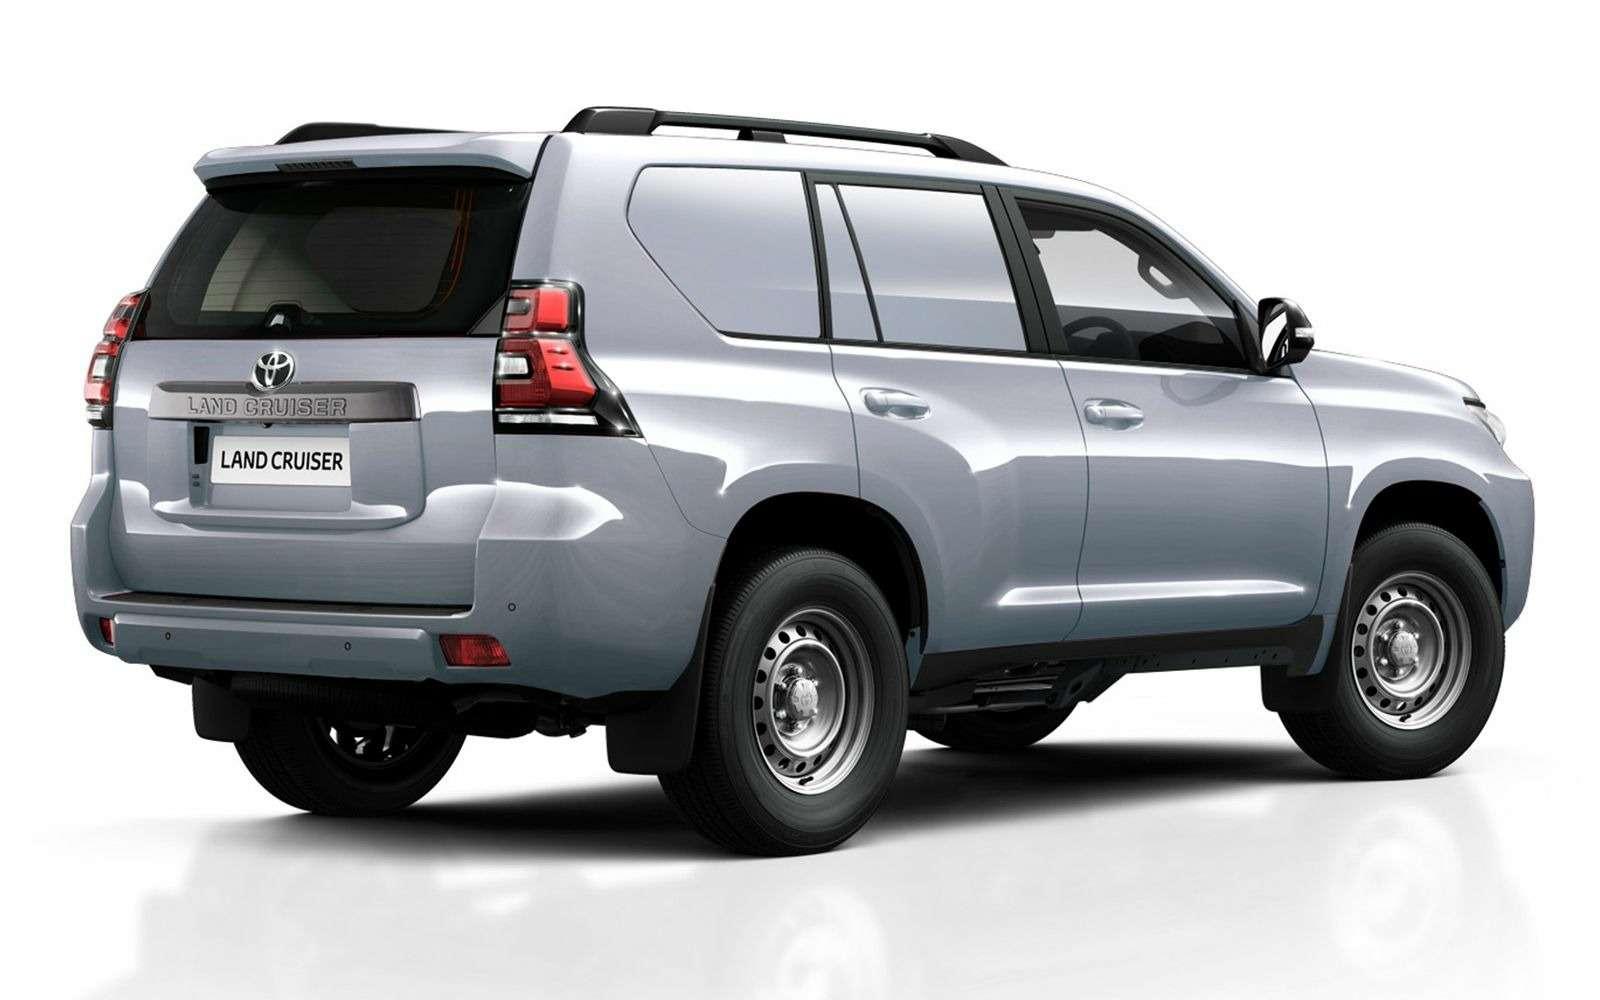 Toyota представила бюджетную версию внедорожника Land Cruiser Prado— фото 861940